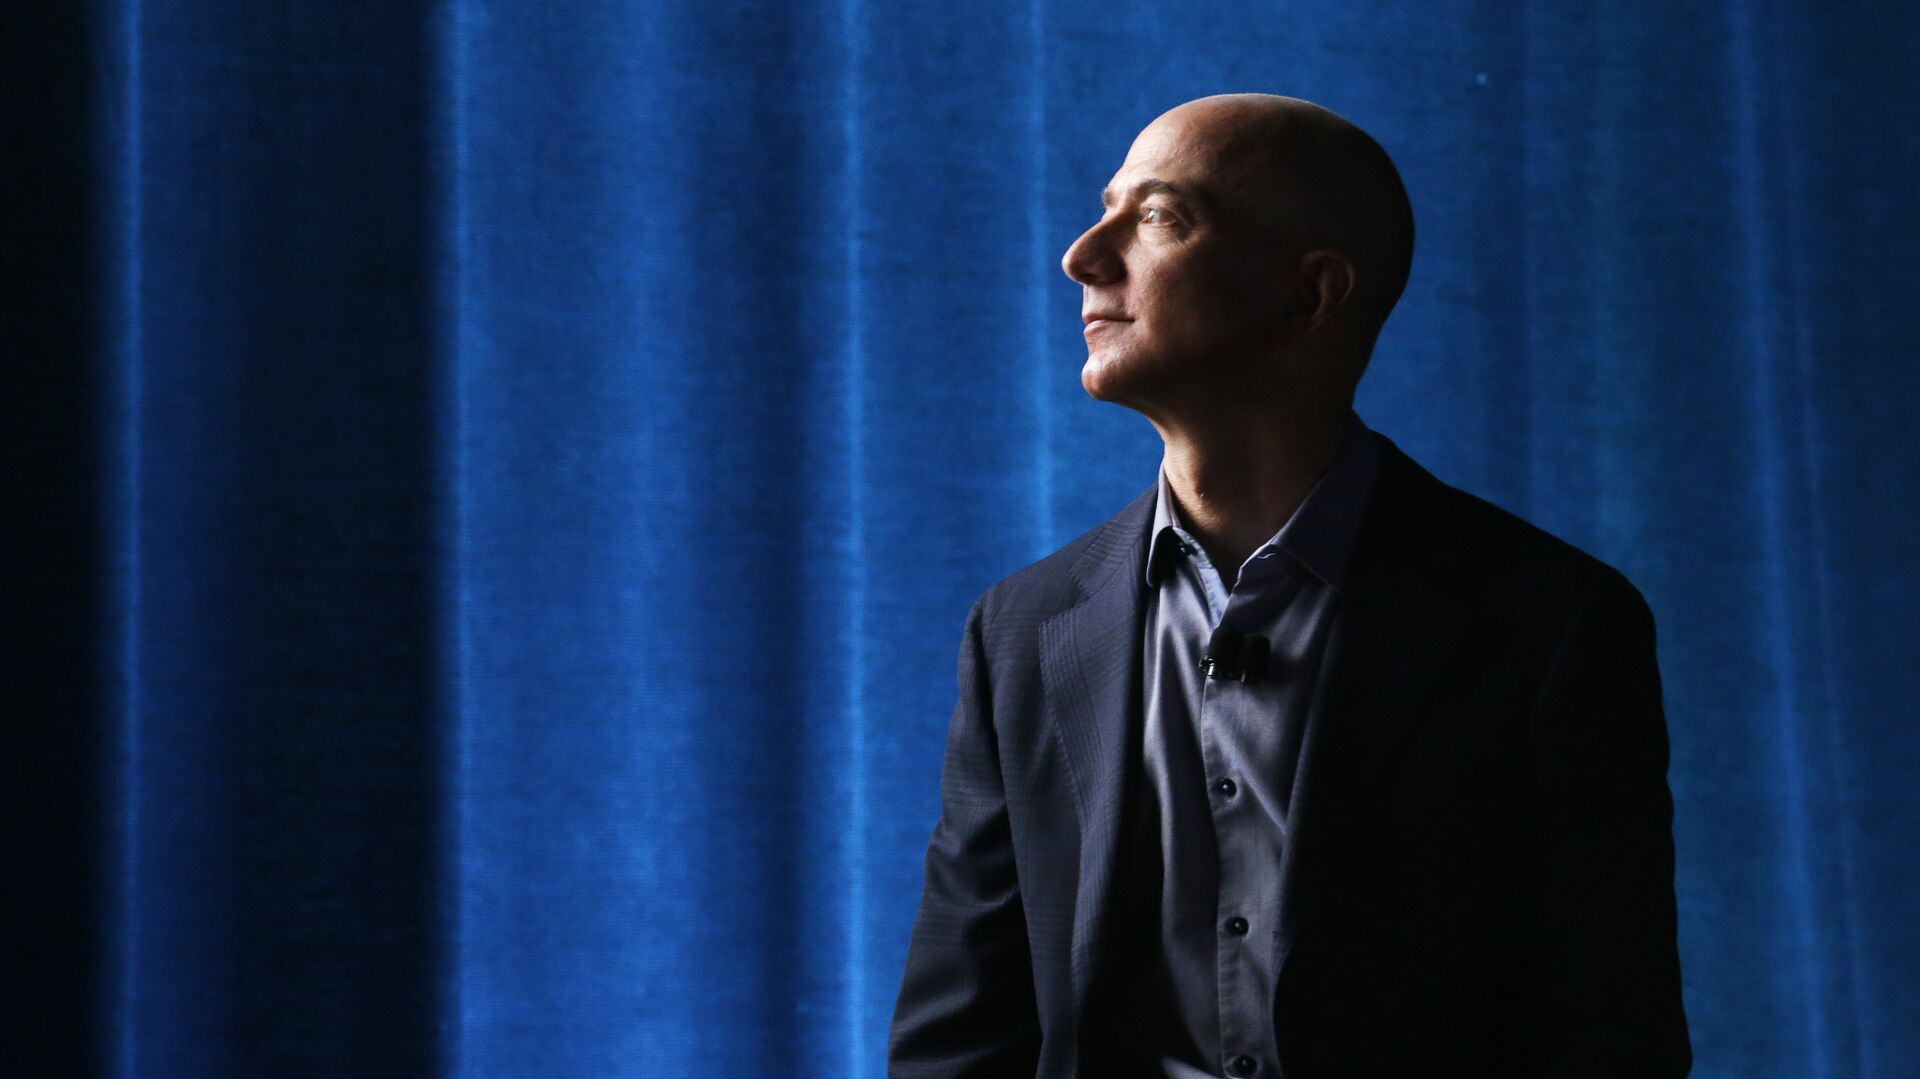 Jeff Bezos, propietario de Amazon  - Sputnik Mundo, 1920, 21.07.2021